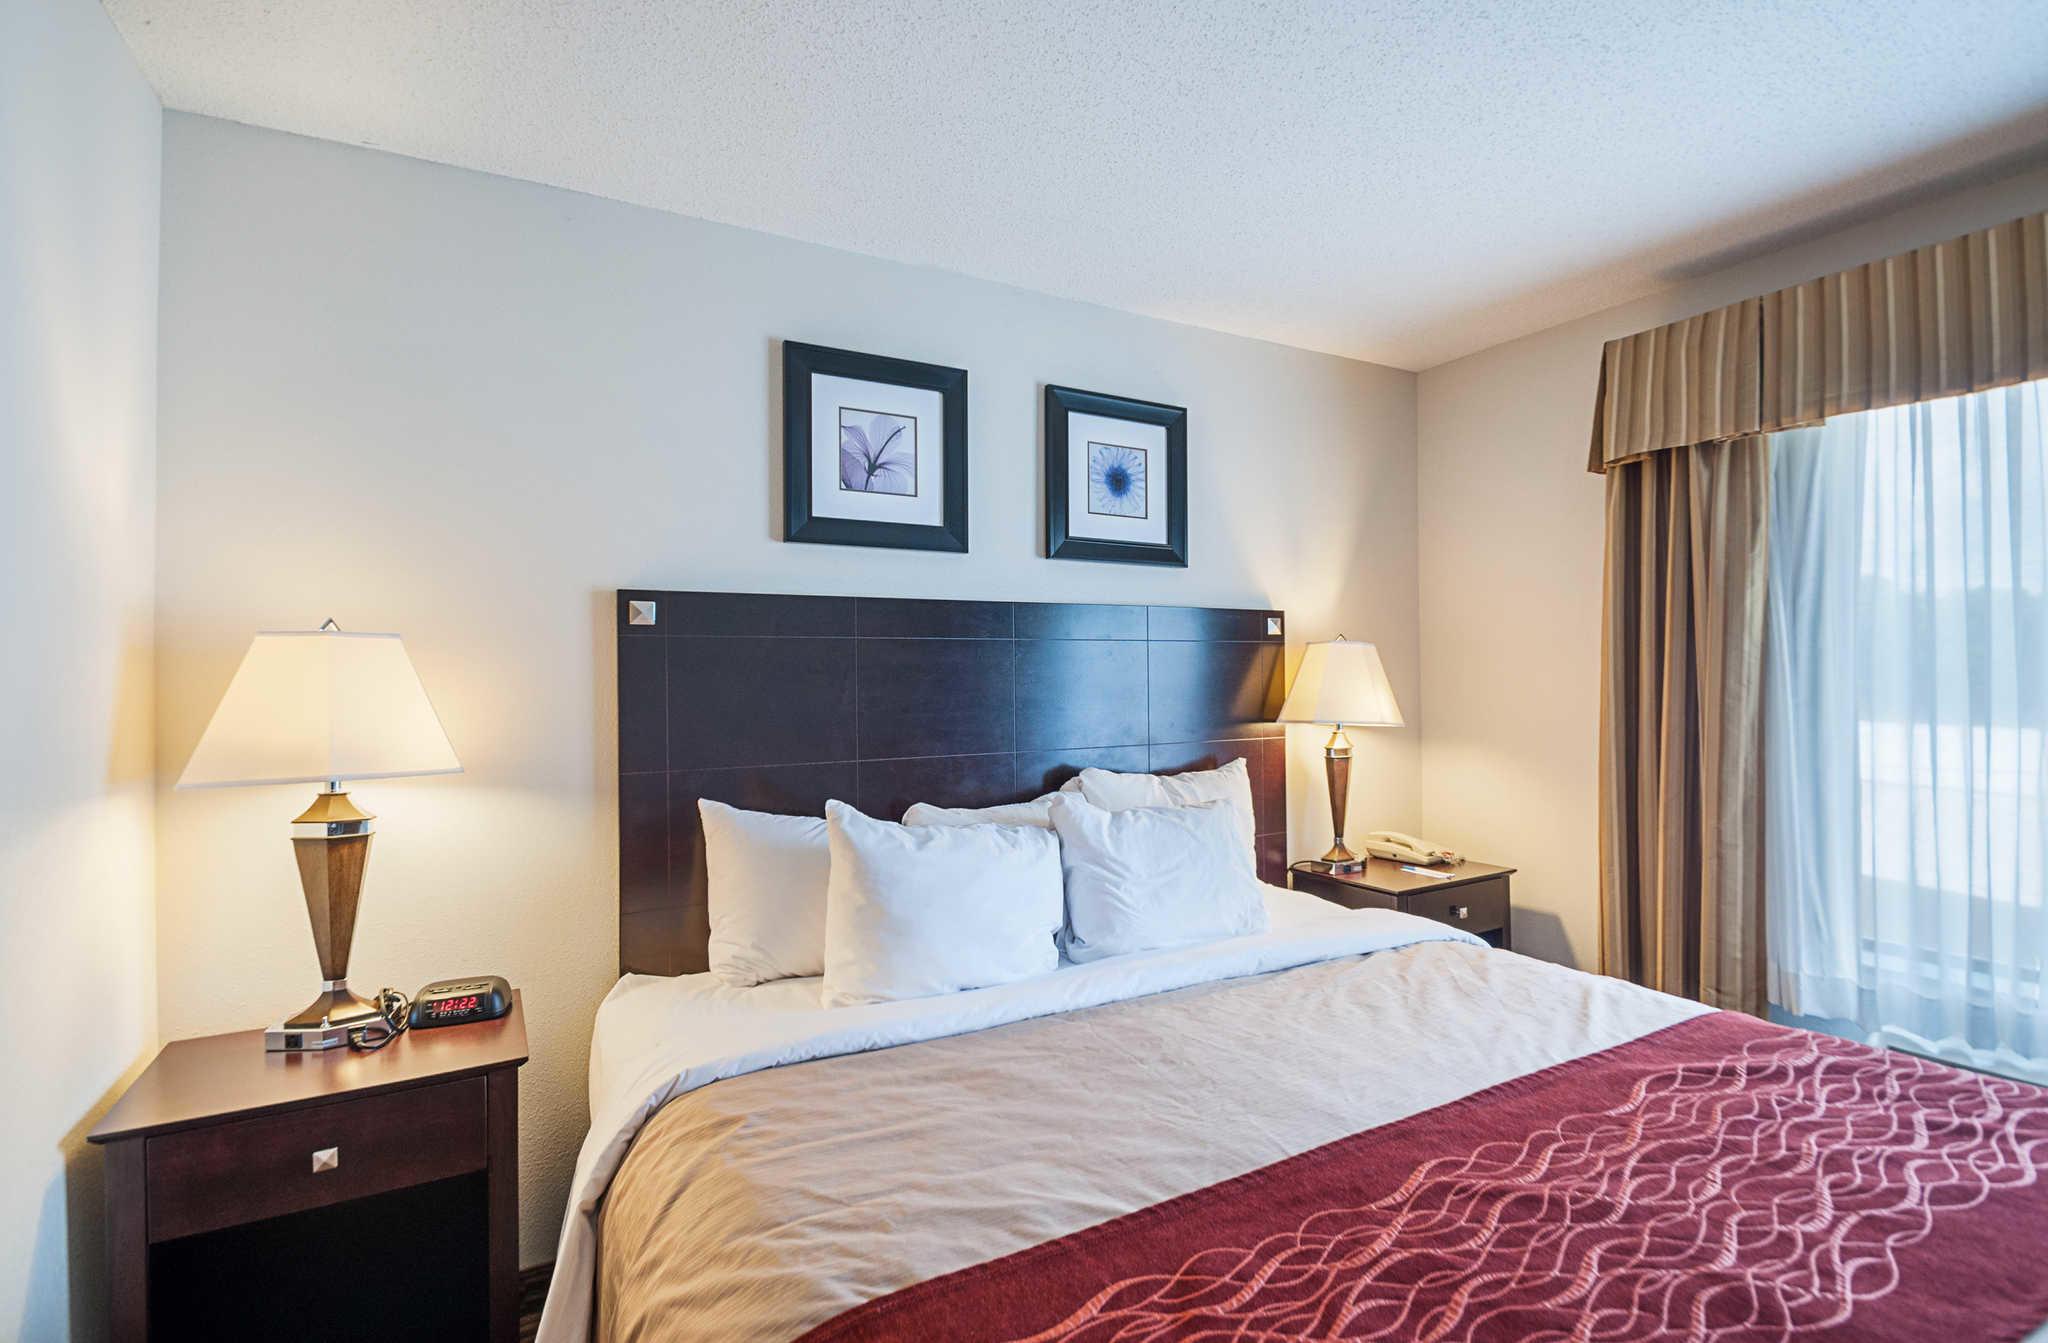 Comfort Inn & Suites Cambridge image 22